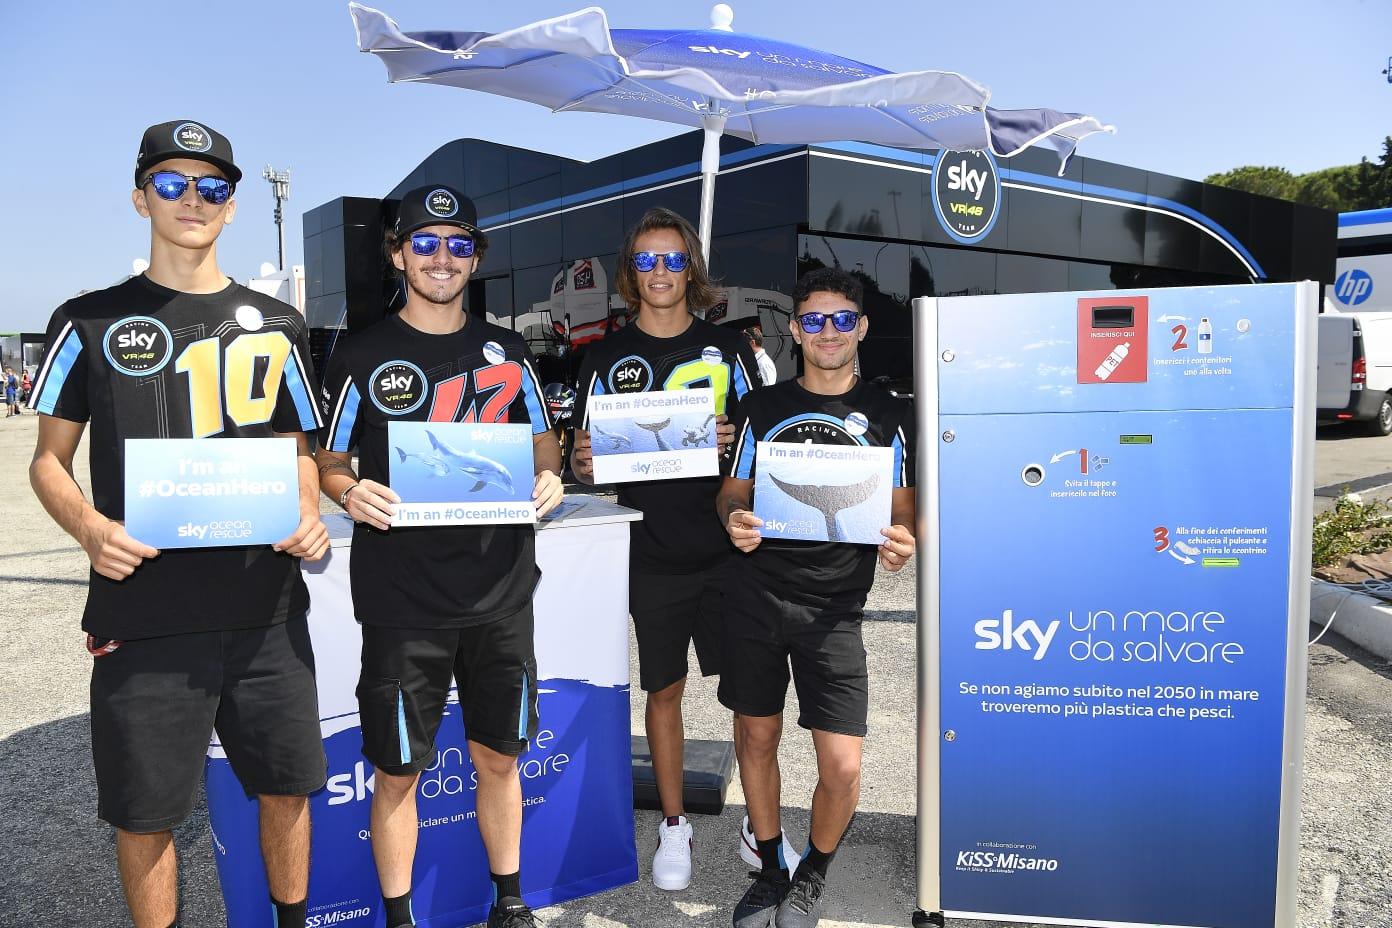 Sky Sport MotoGP HD, Diretta Gp San Marino (6 - 9 Settembre 2018). In chiaro su TV8